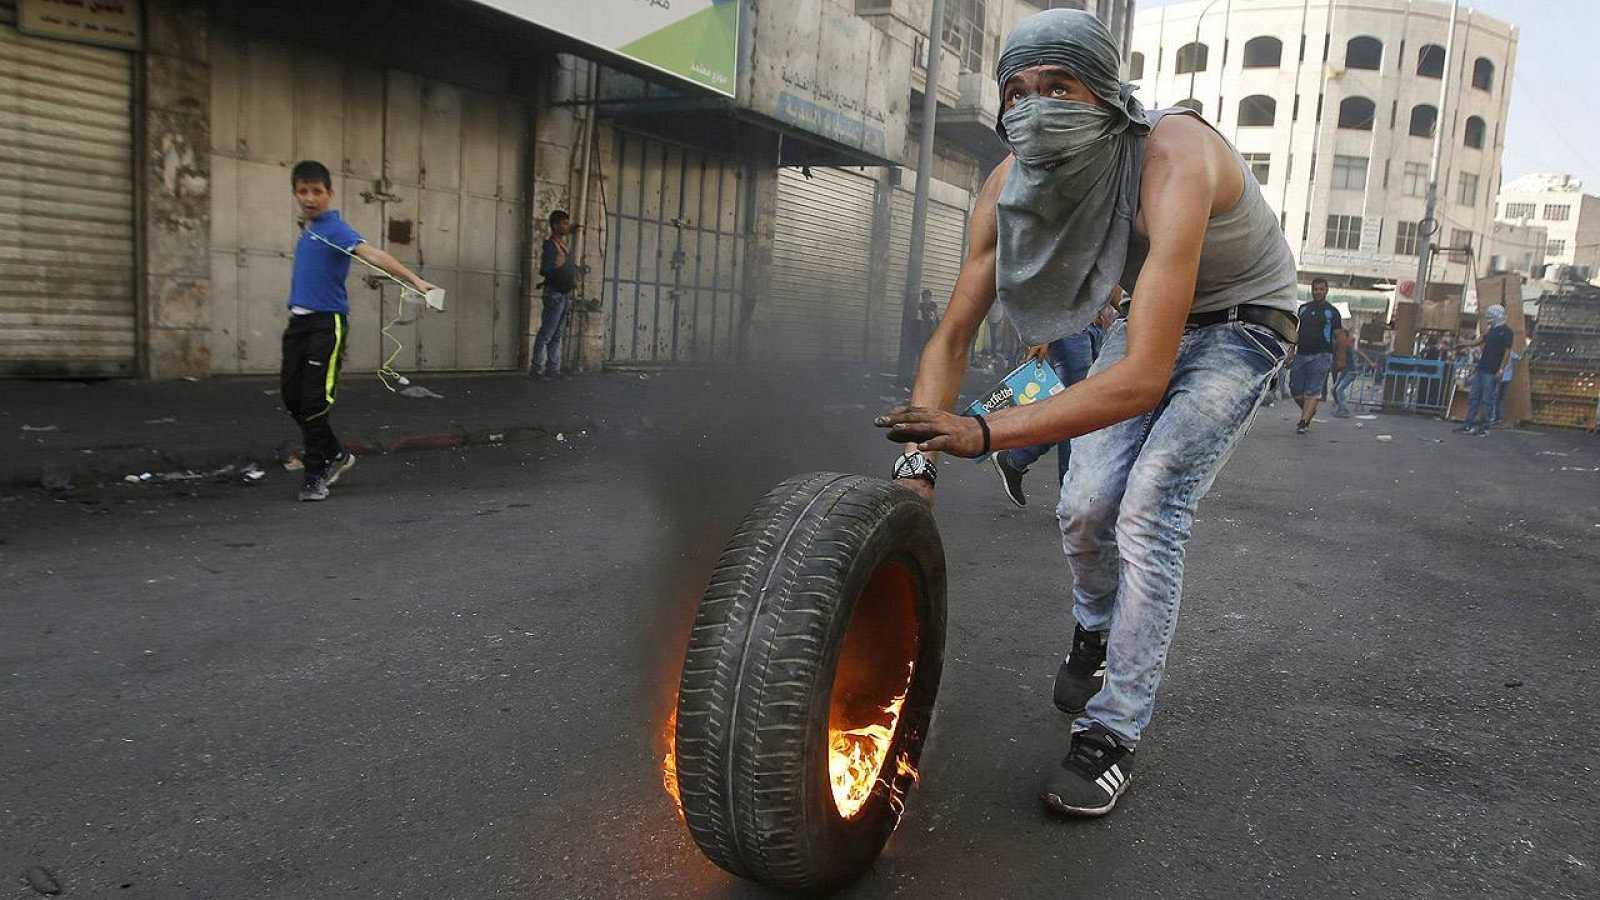 Un palestino empuja un neumático ardiendo durante los enfrentamientos con las fuerzas de seguridad israelíes en Hebrón, sur de Cisjordania, el 4 de octubre de 2015. REUTERS/Mussa Qawasma